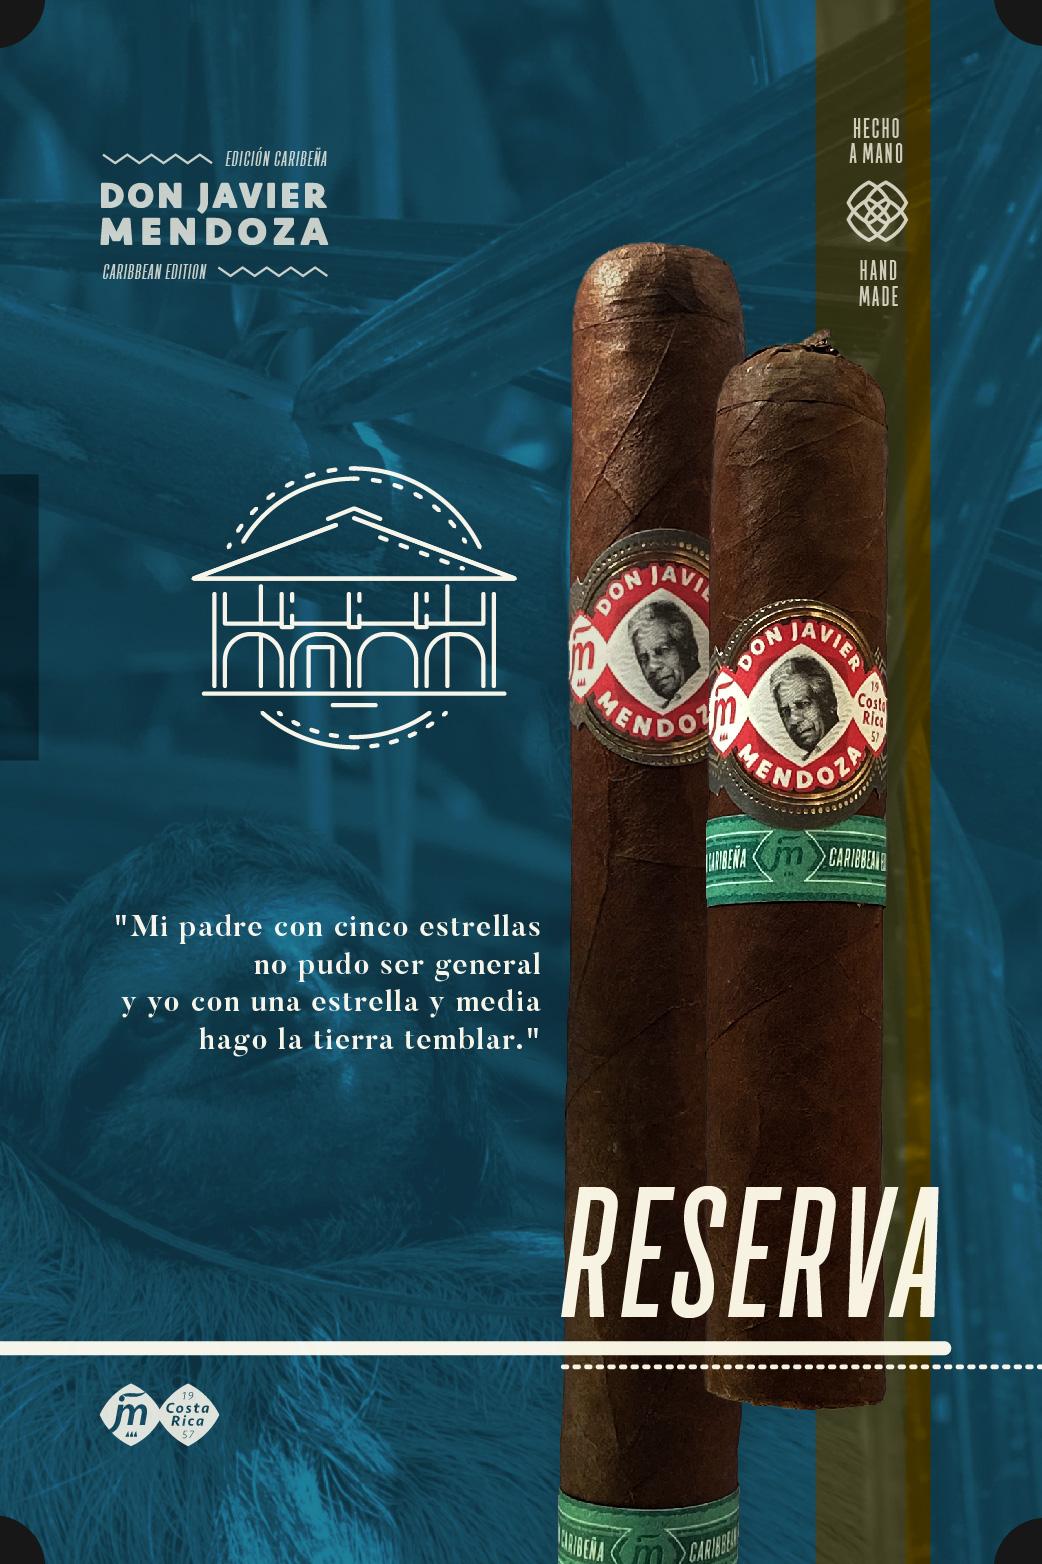 Don Javier Mendoza Reserva